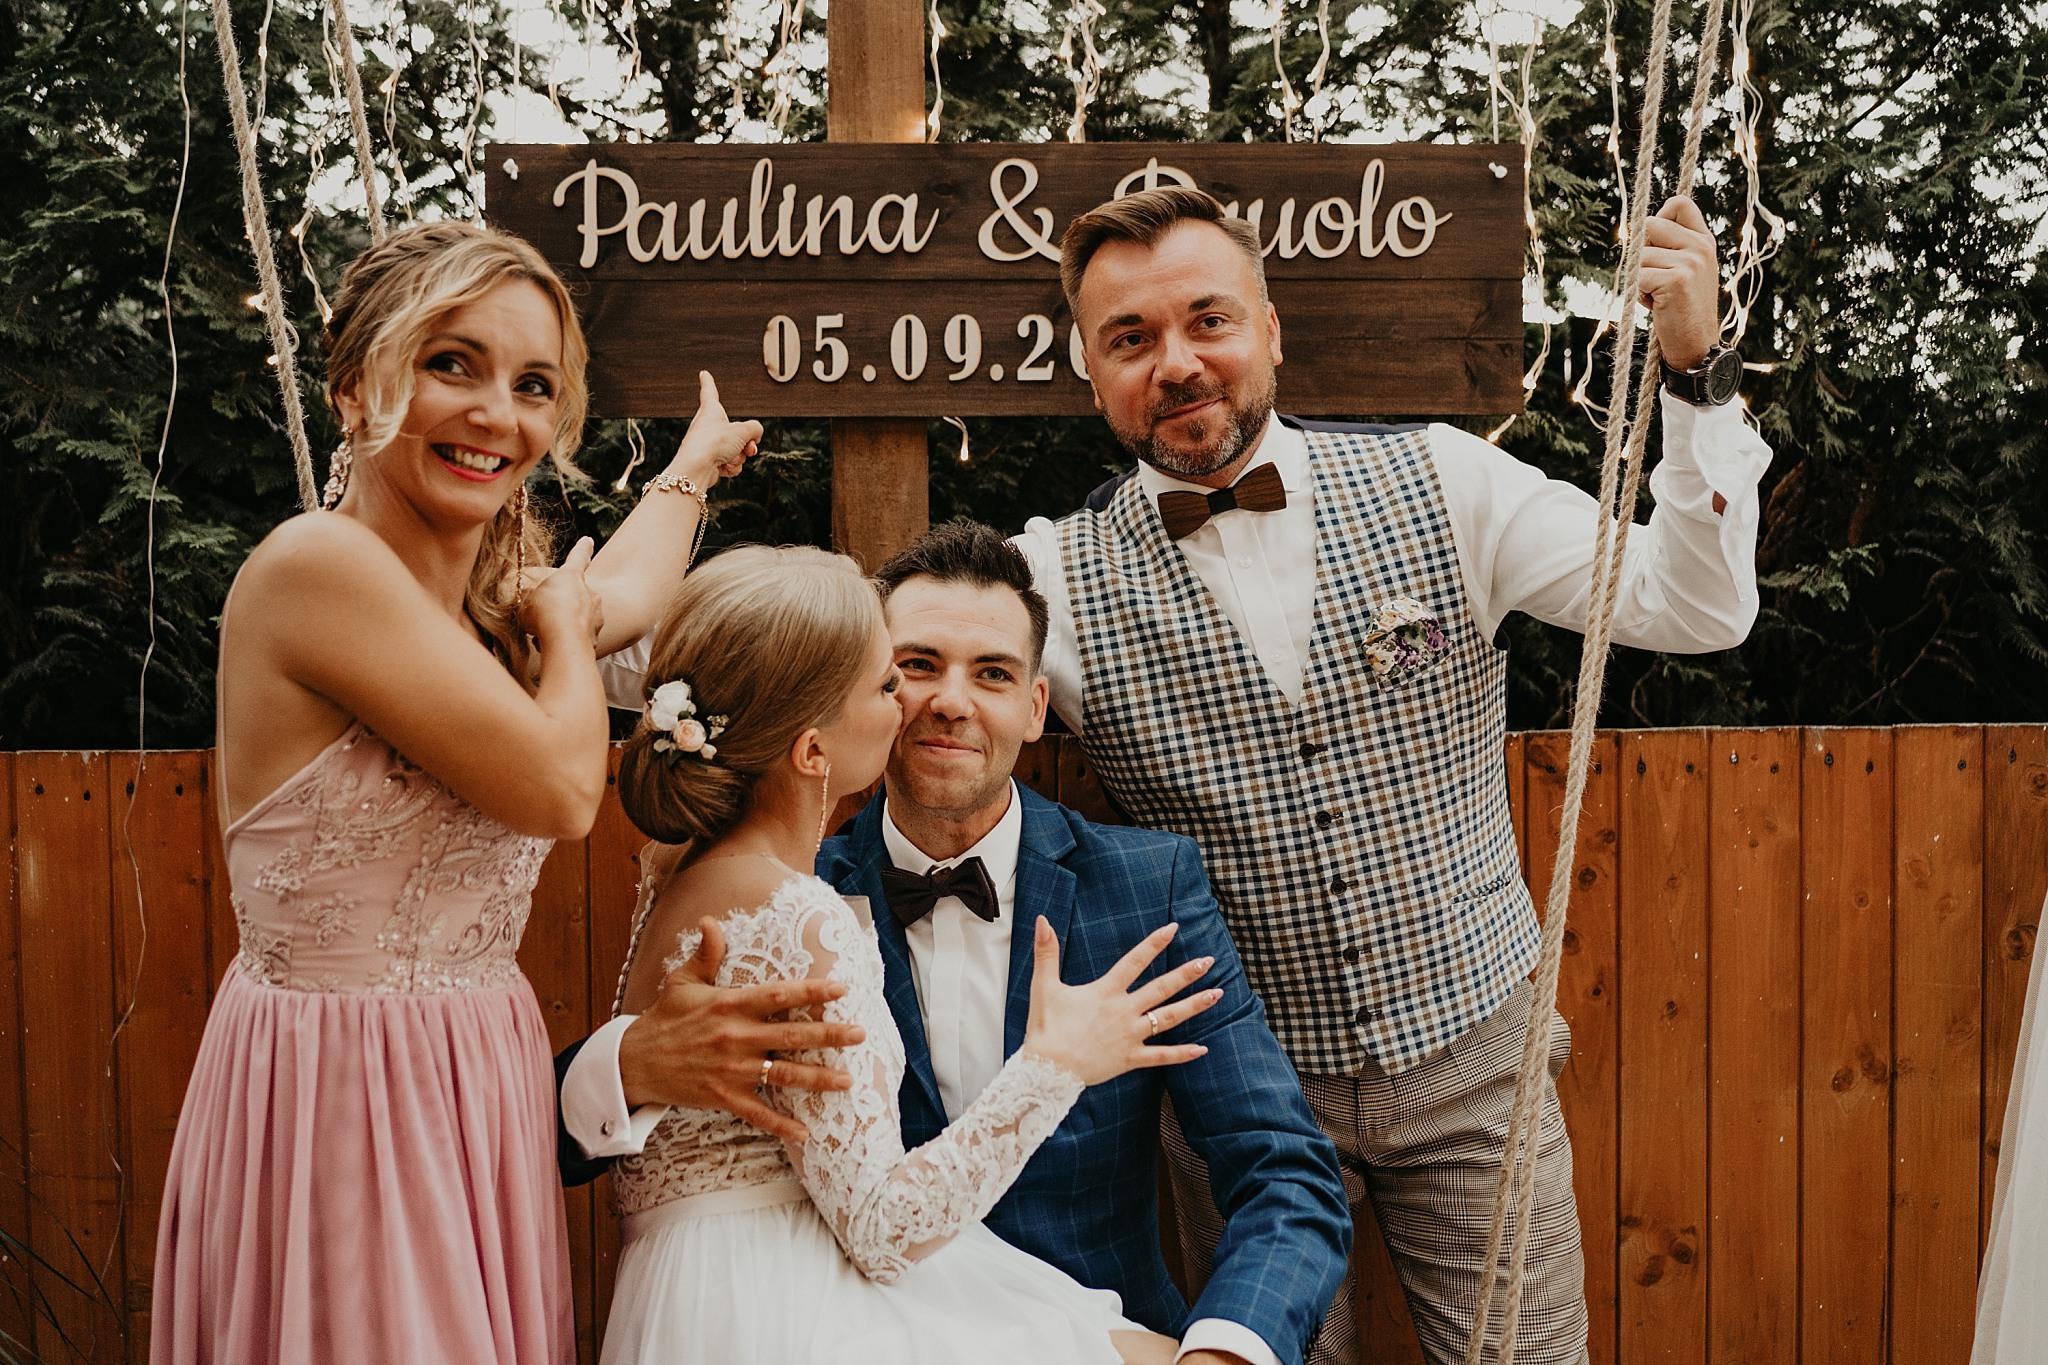 Paulina Pauolo 470